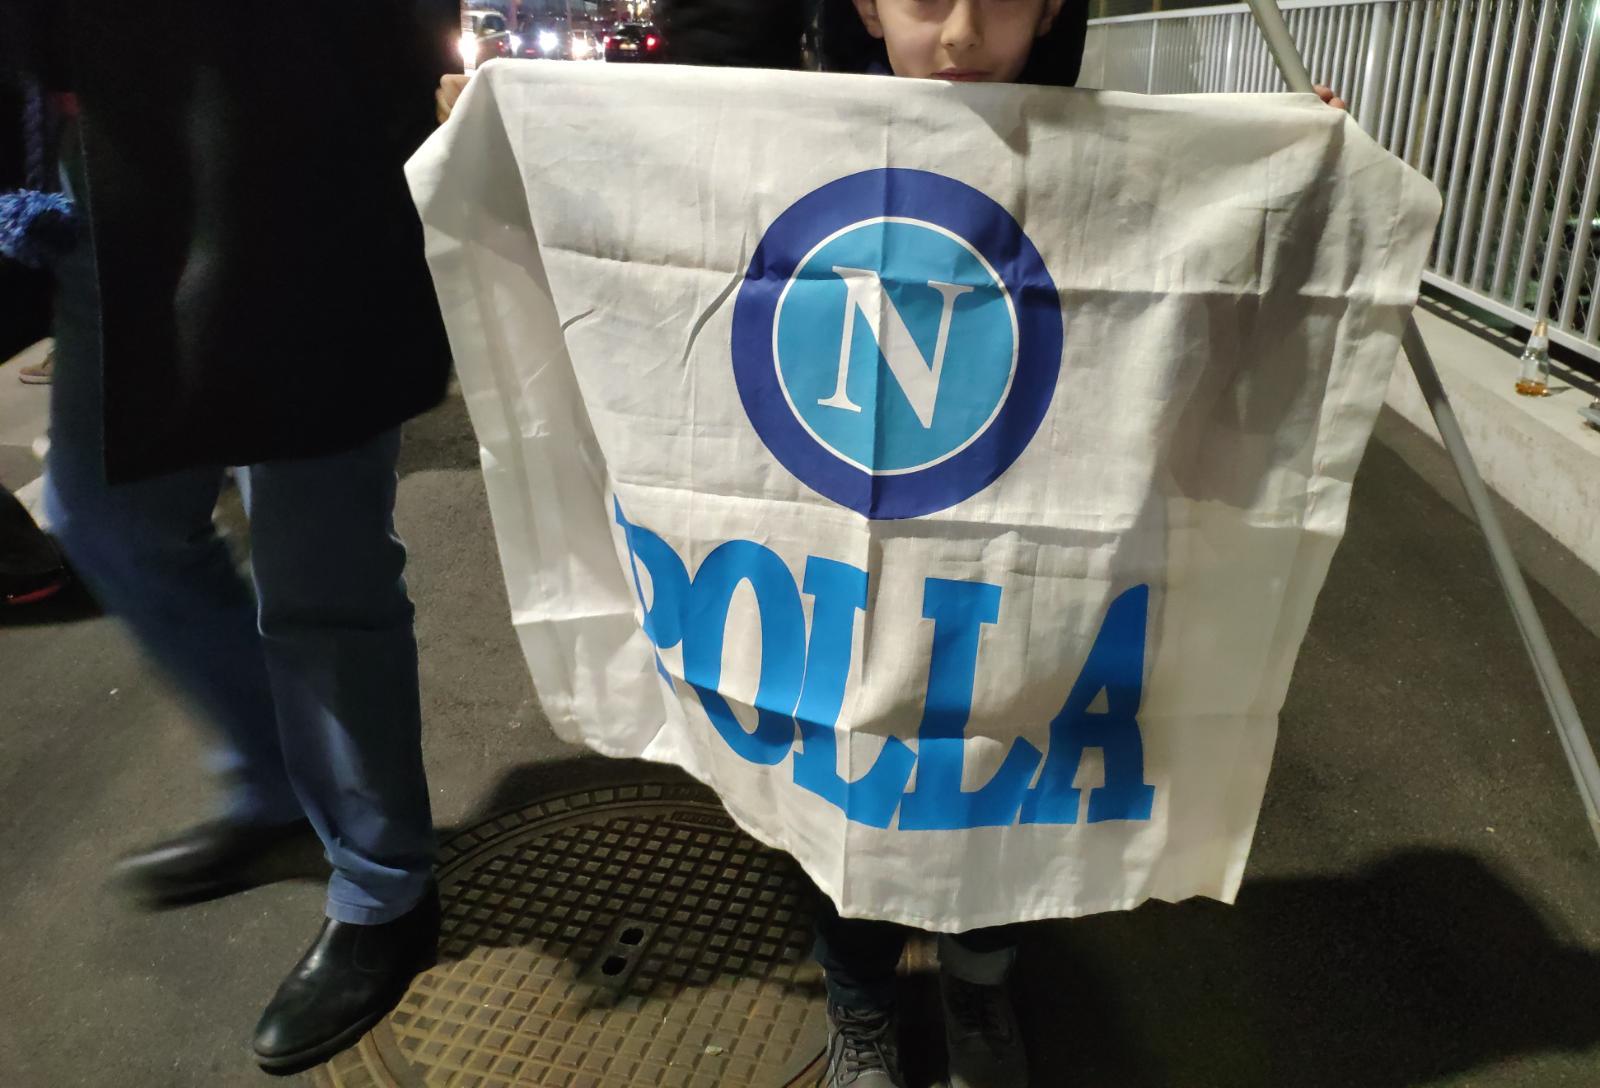 b0086a3c11 Davanti allo stadio sono decine i bus di tifosi che in fila aspettano di  entrare e vedere il loro Napoli.